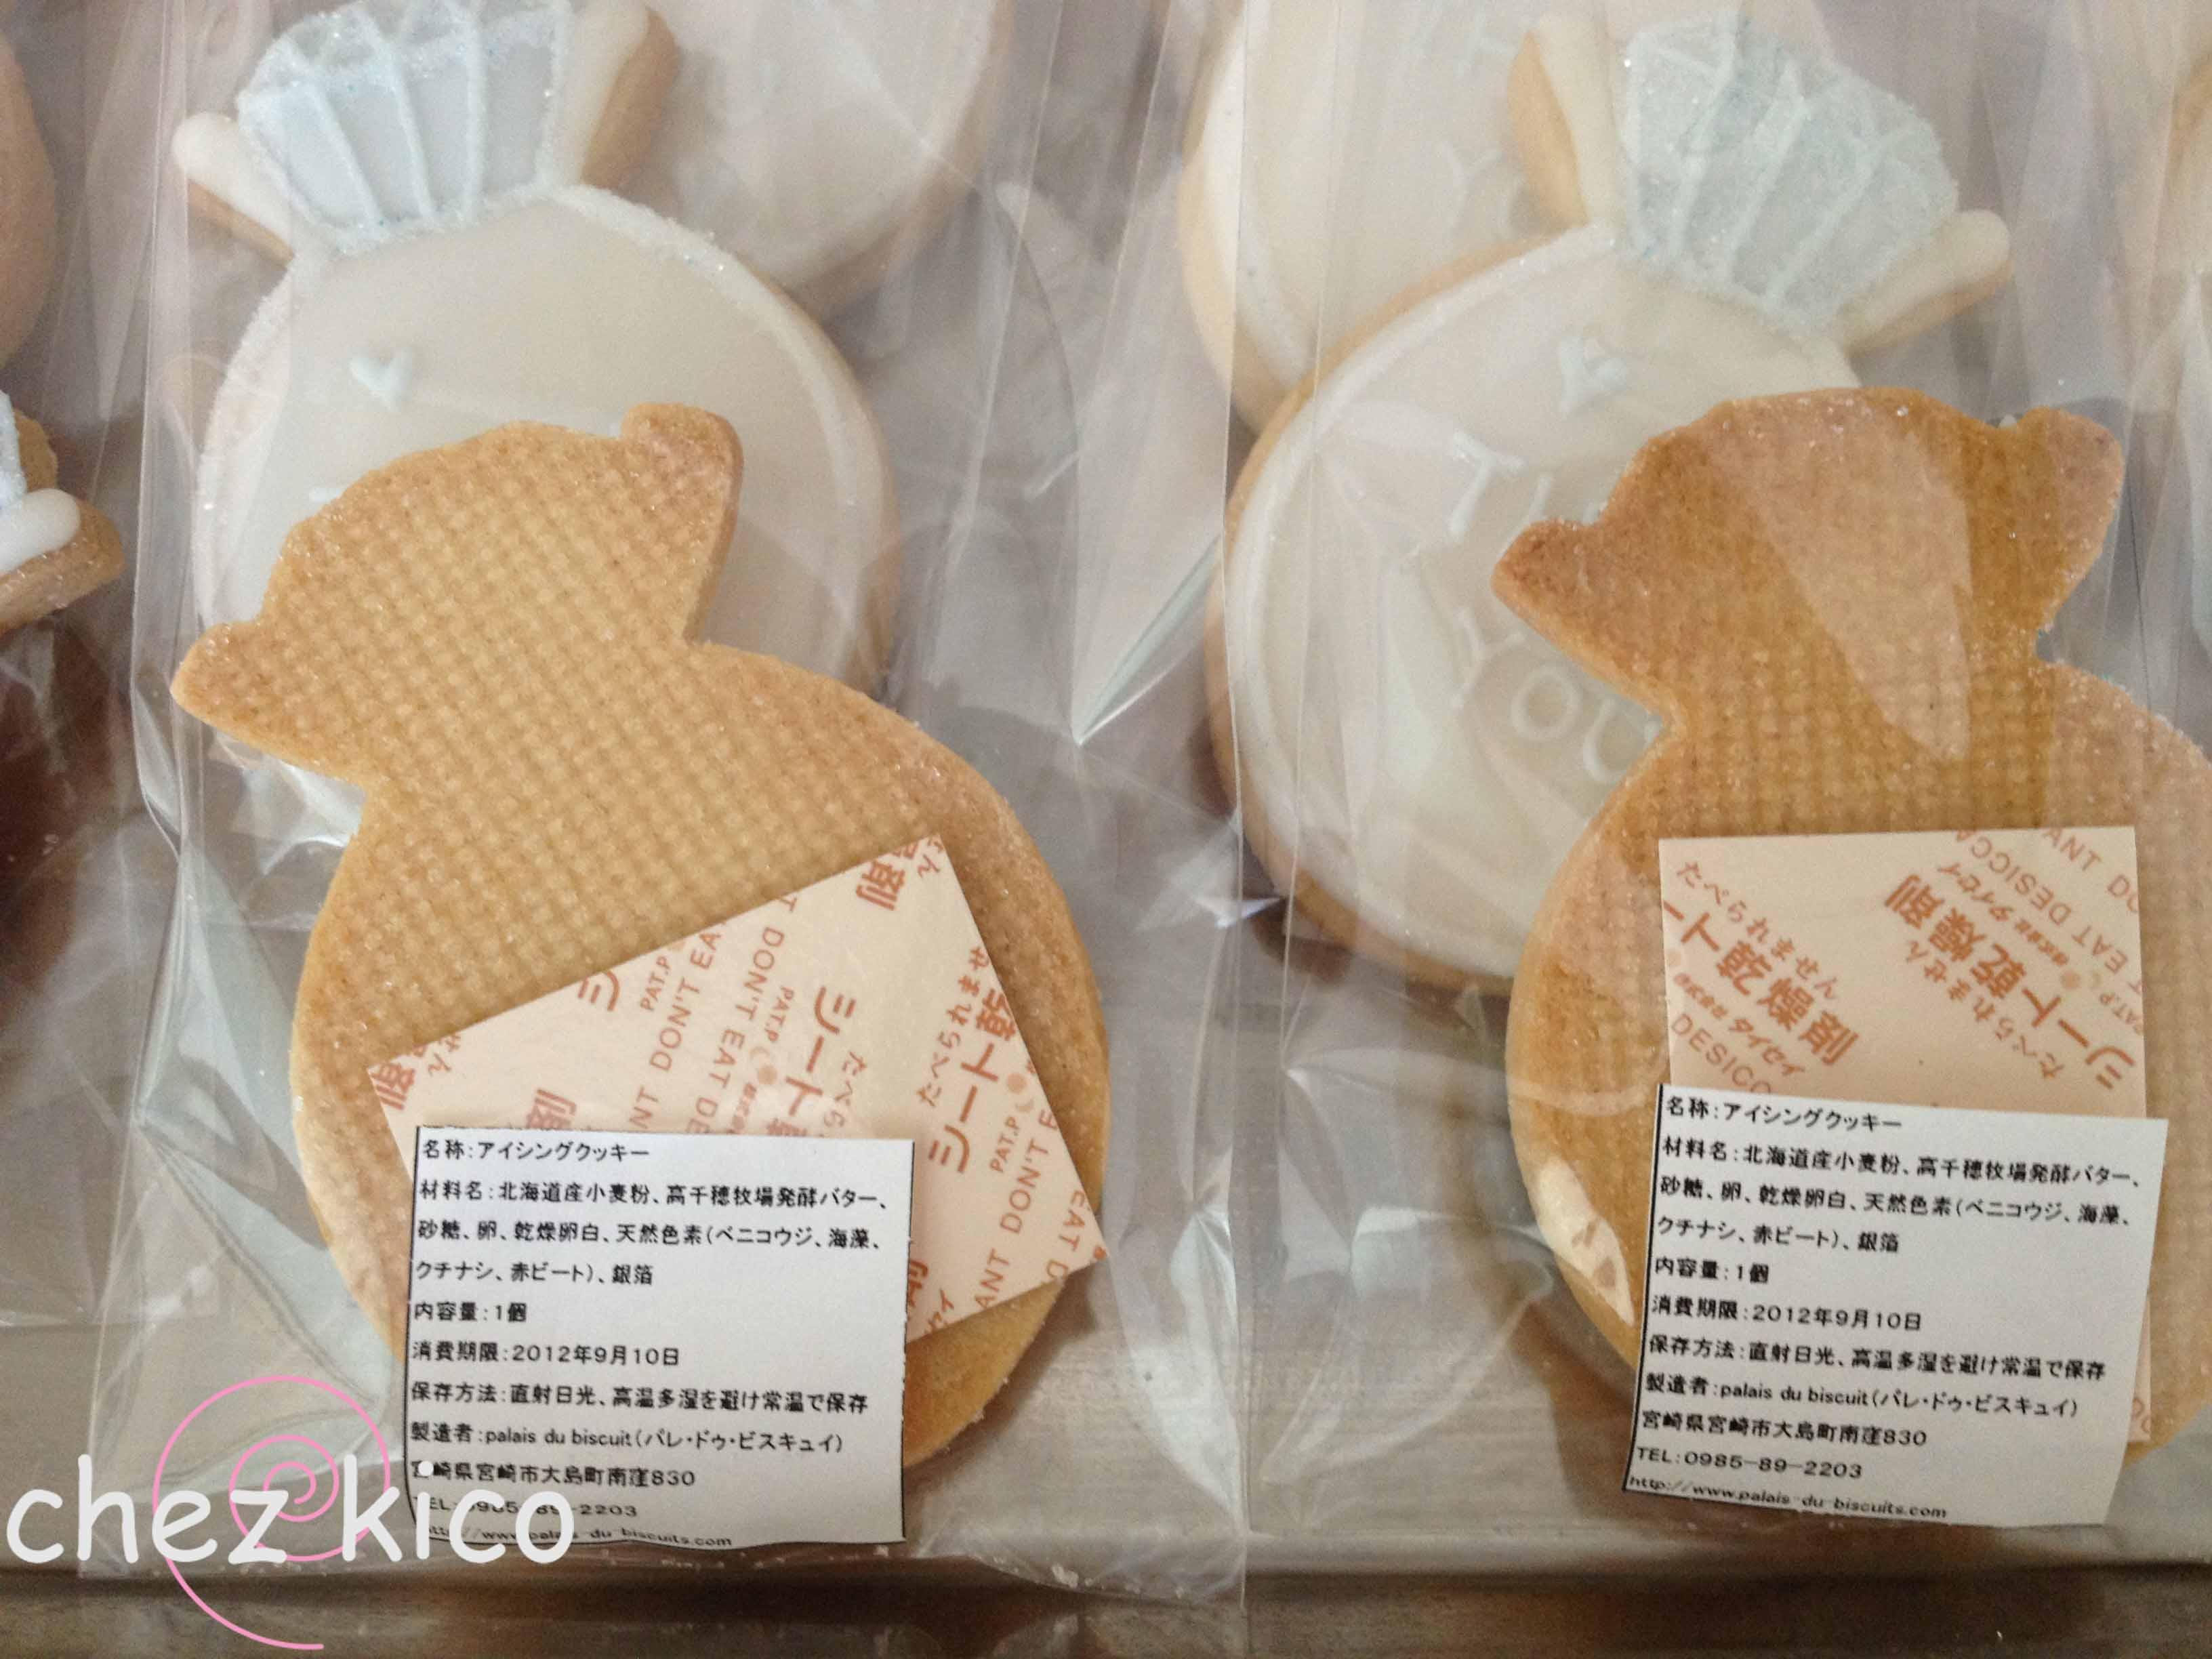 アイシングクッキーの絶対に割れない梱包の仕方